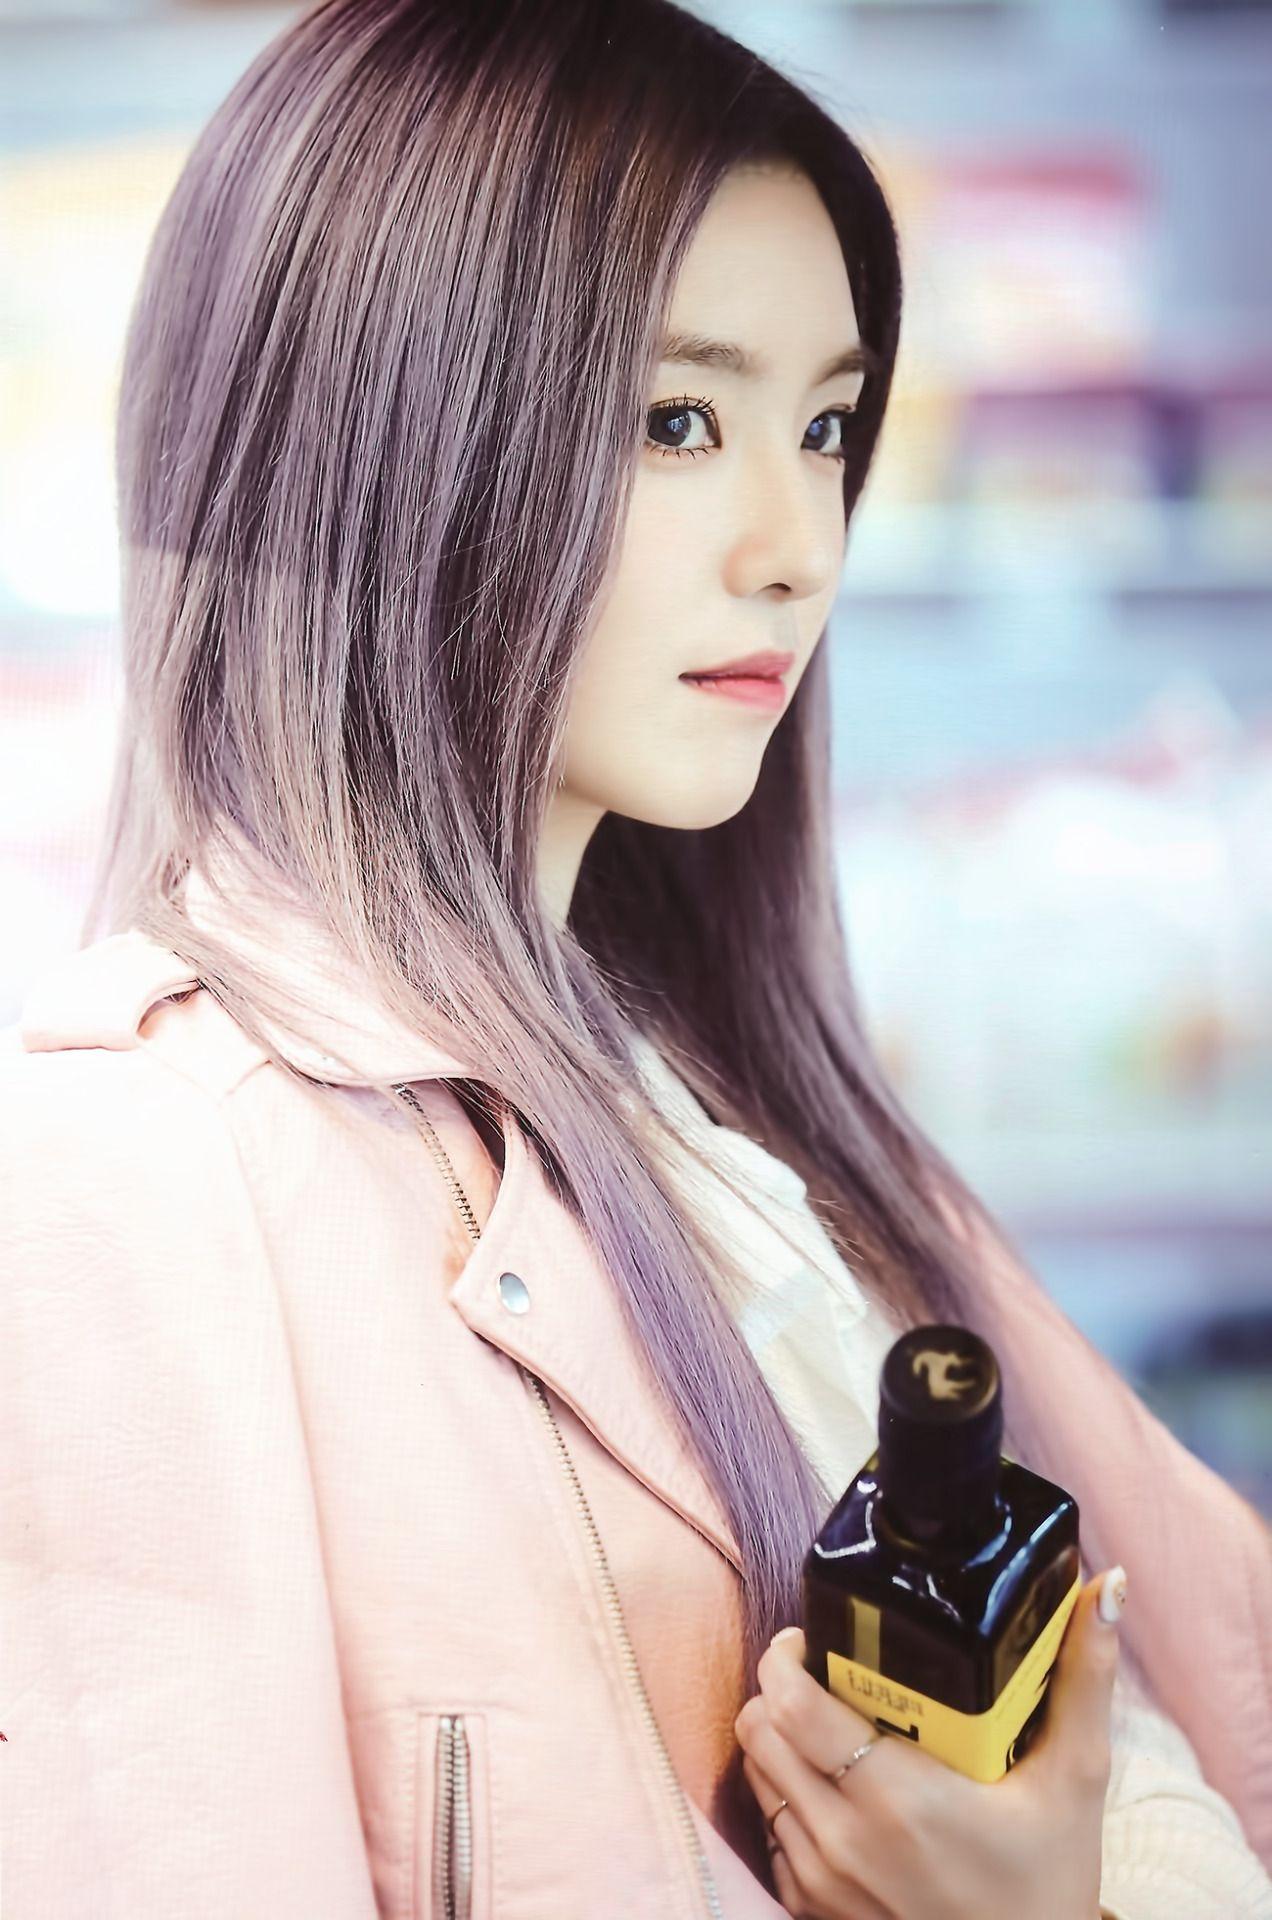 Cr Ppurpple Irene Red Velvet Purple Hair Red Velvet Irene Hair Photo